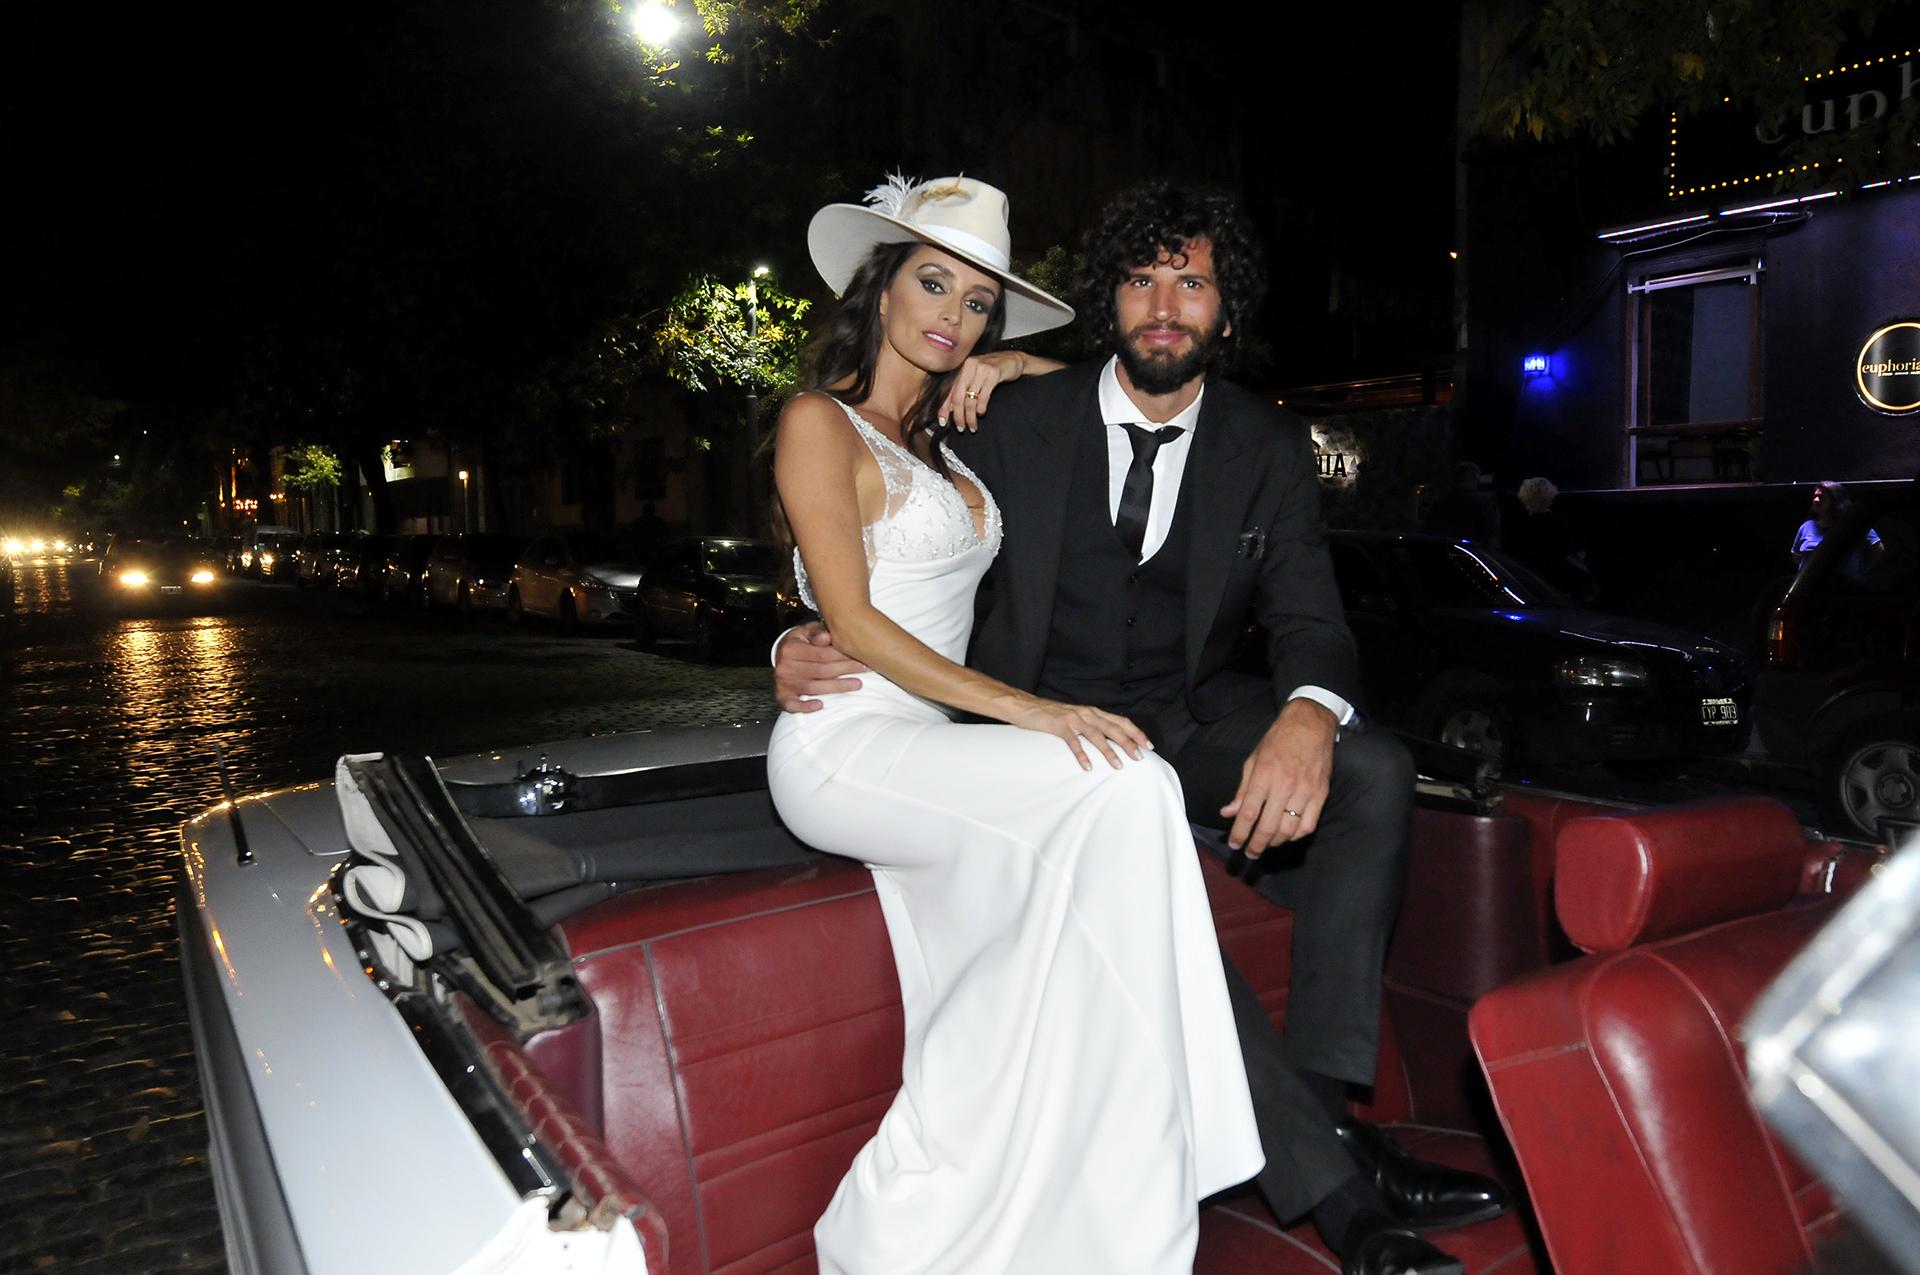 Paz Cornú se casó con el empresario Diego Orden. La cita fue en La Malbequeria, un bar de vinos añejos, en Palermo